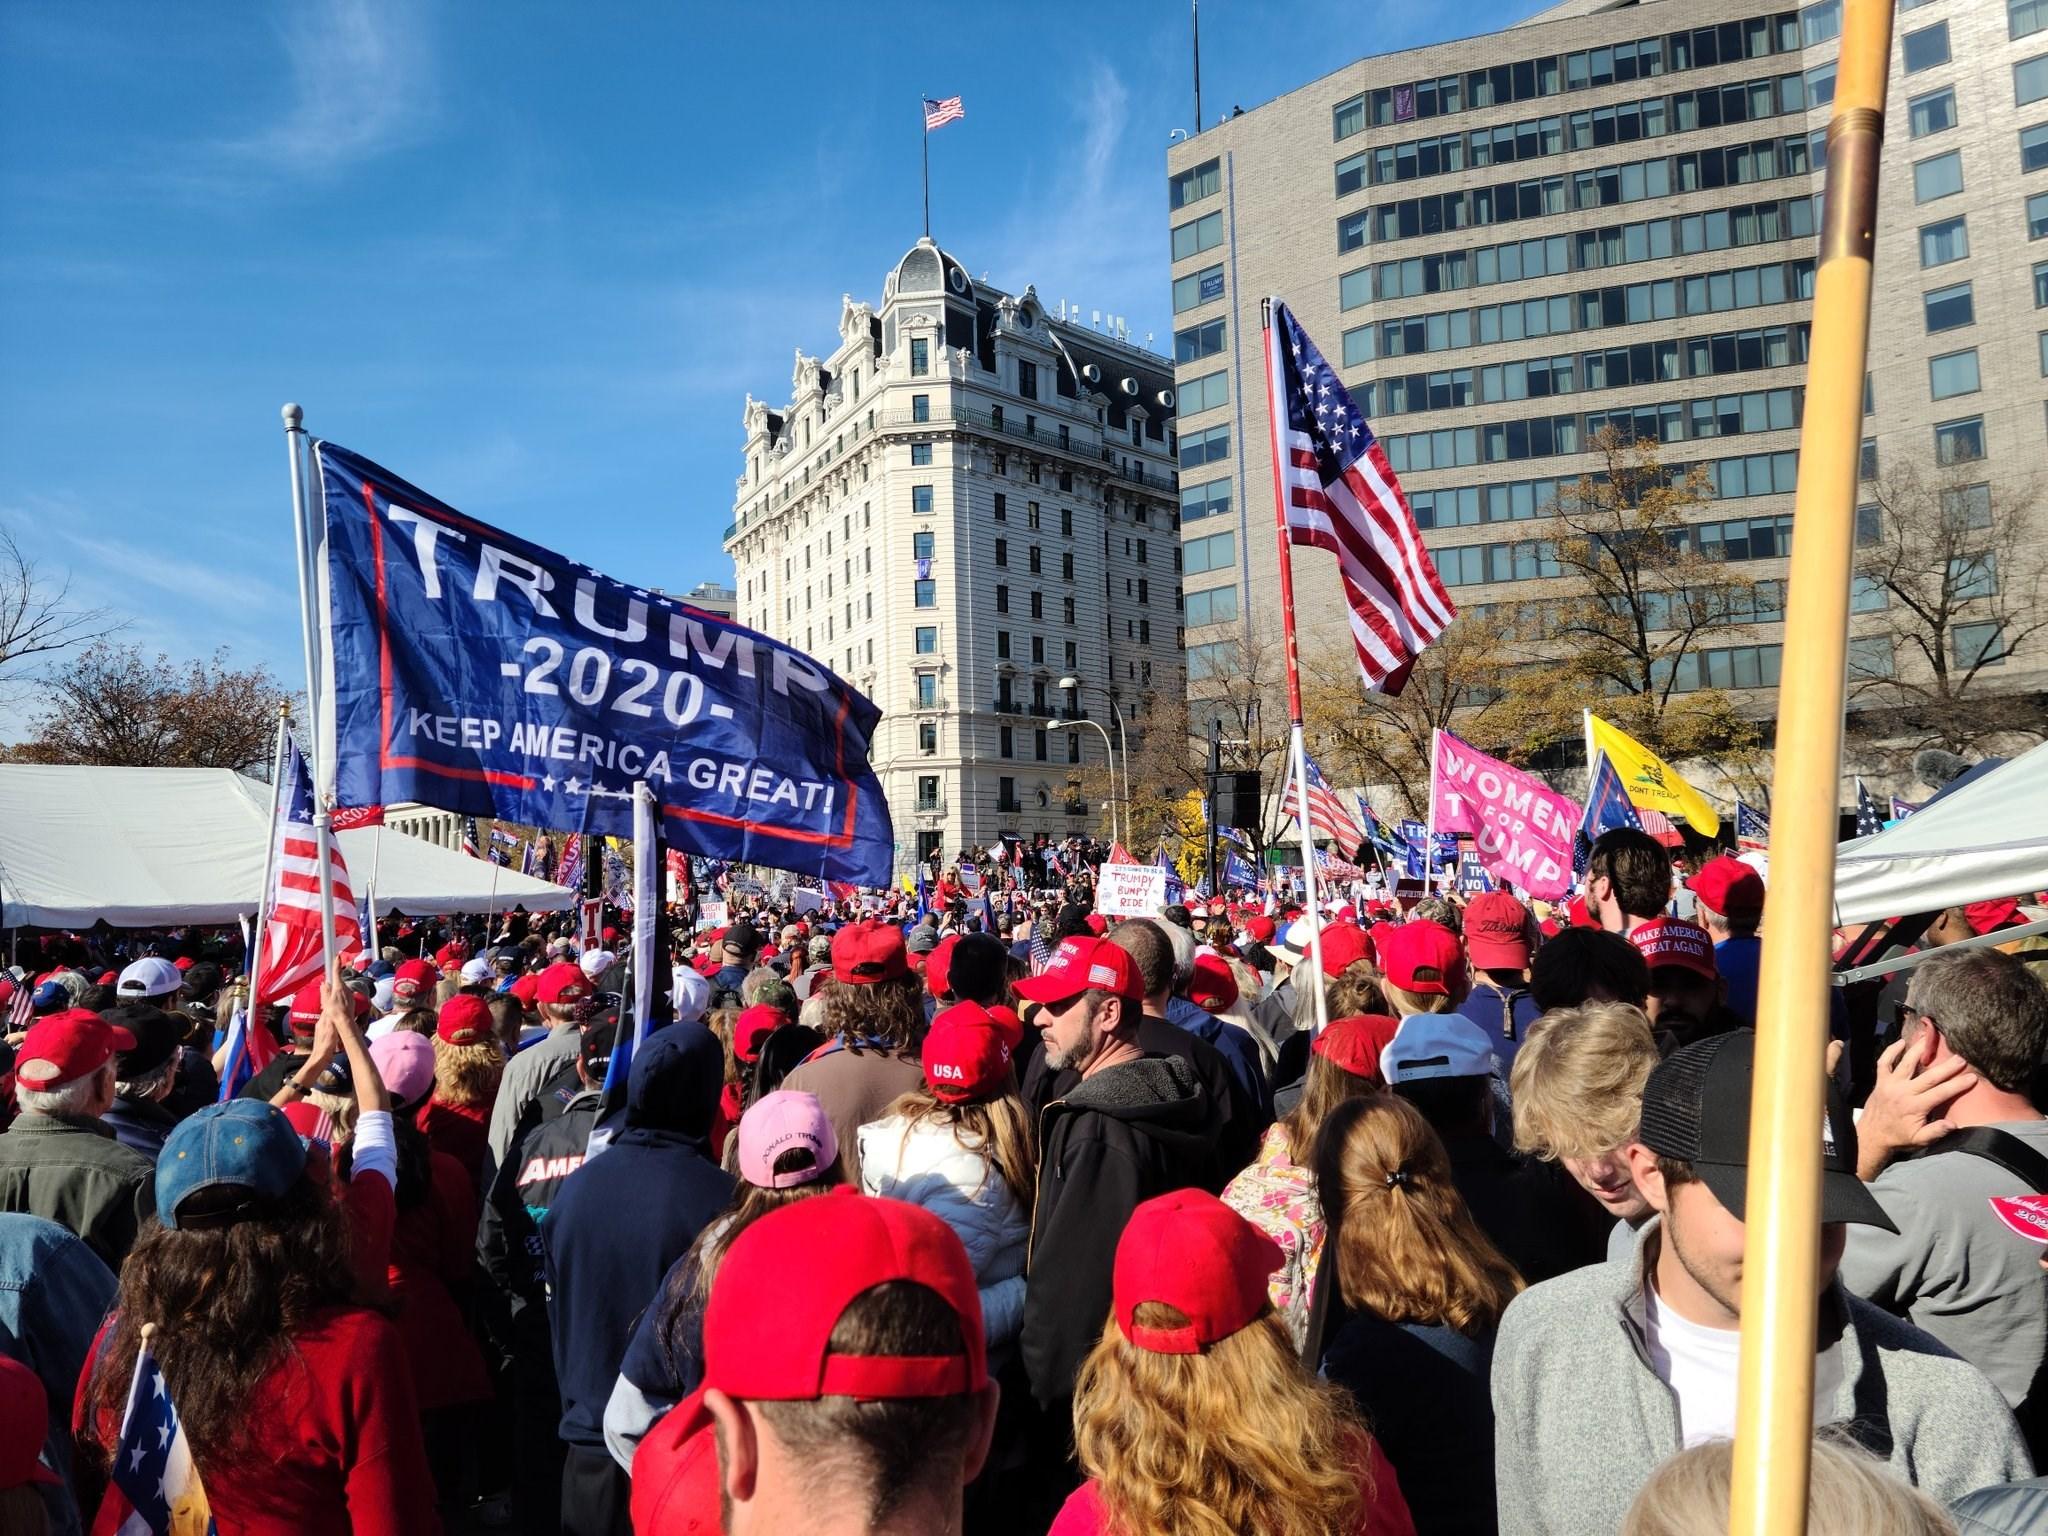 تظاهرات داعمة للرئيس ترامب في وسط العاصمة واشنطن